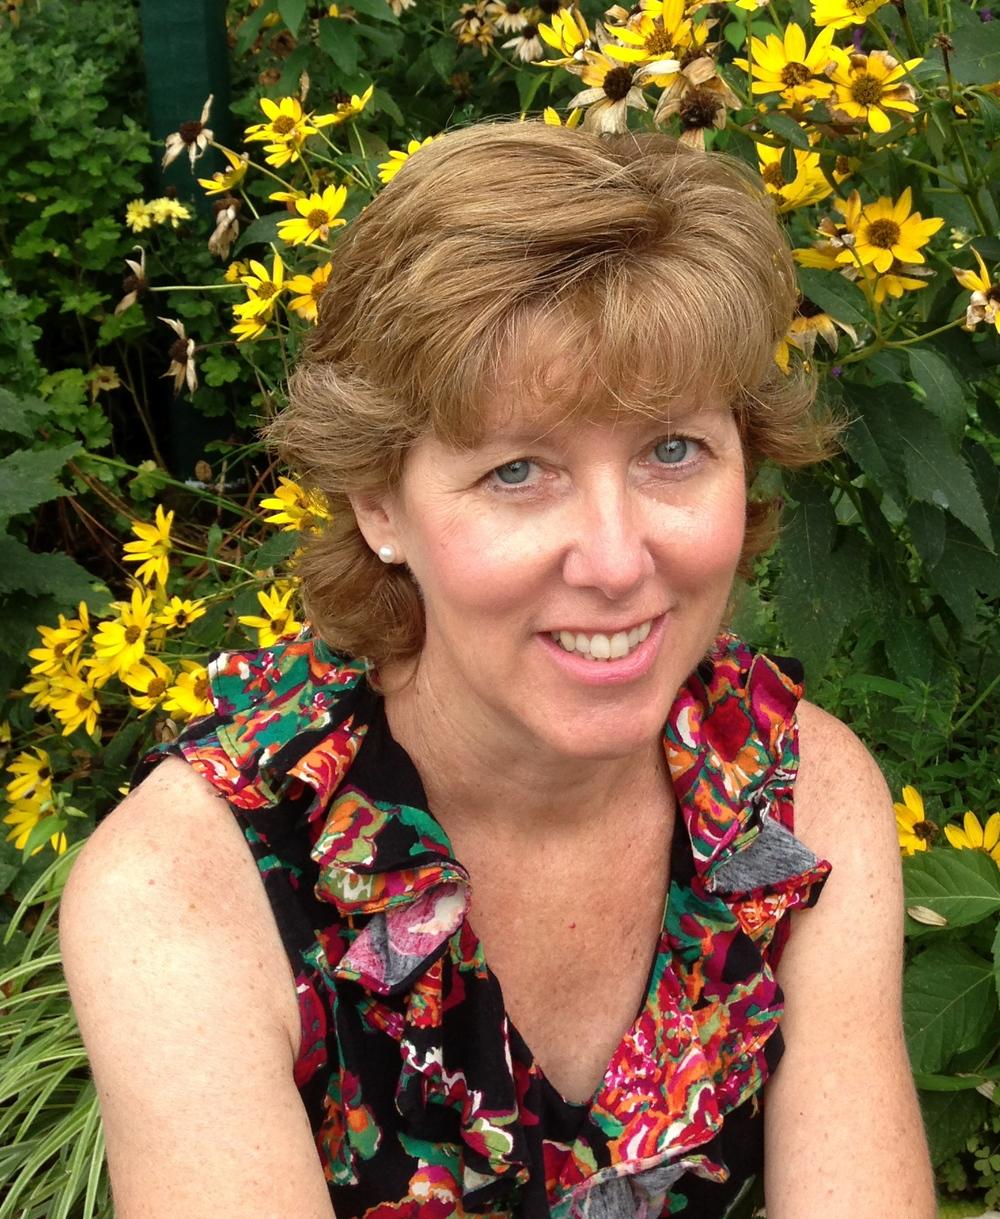 Vicki Chandler